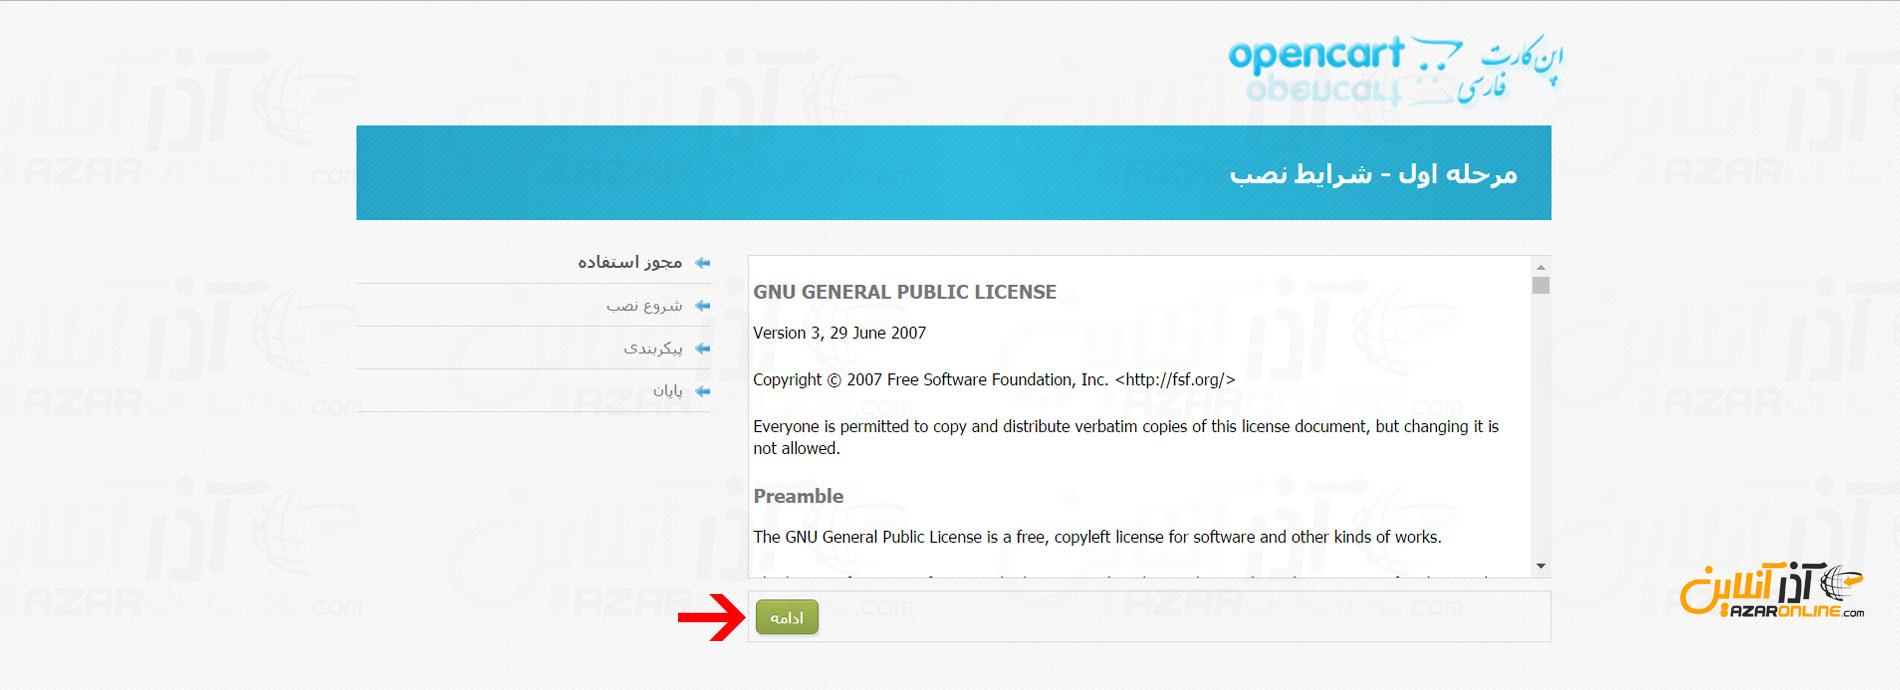 آموزش نصب فروشگاه ساز opencart - مرحله اول